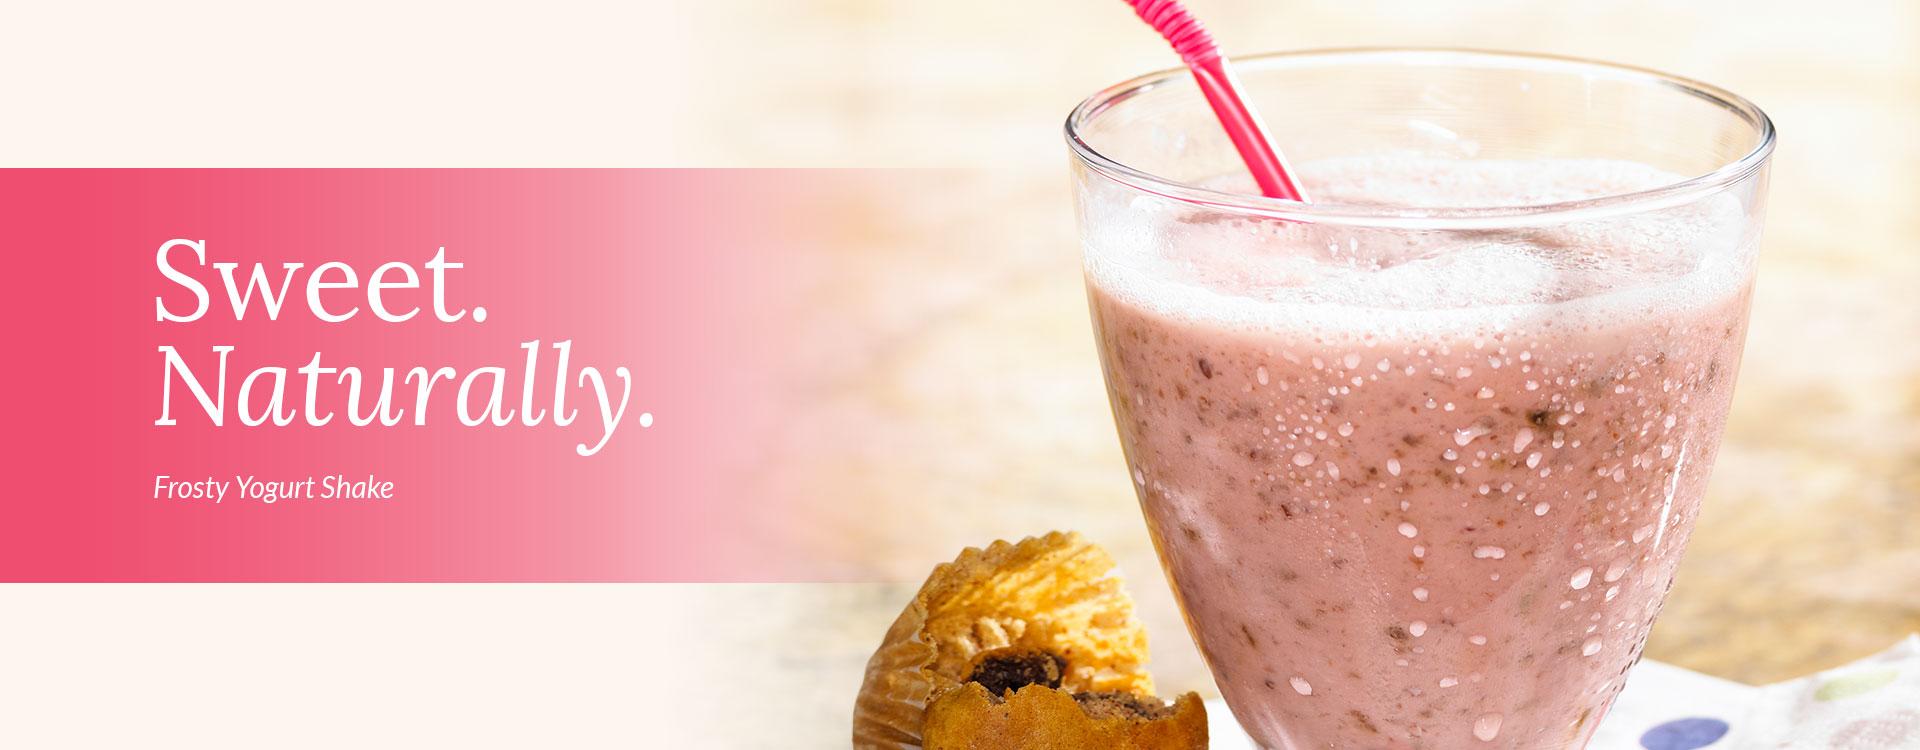 Sweet. Naturally. Frosty Yogurt Shake